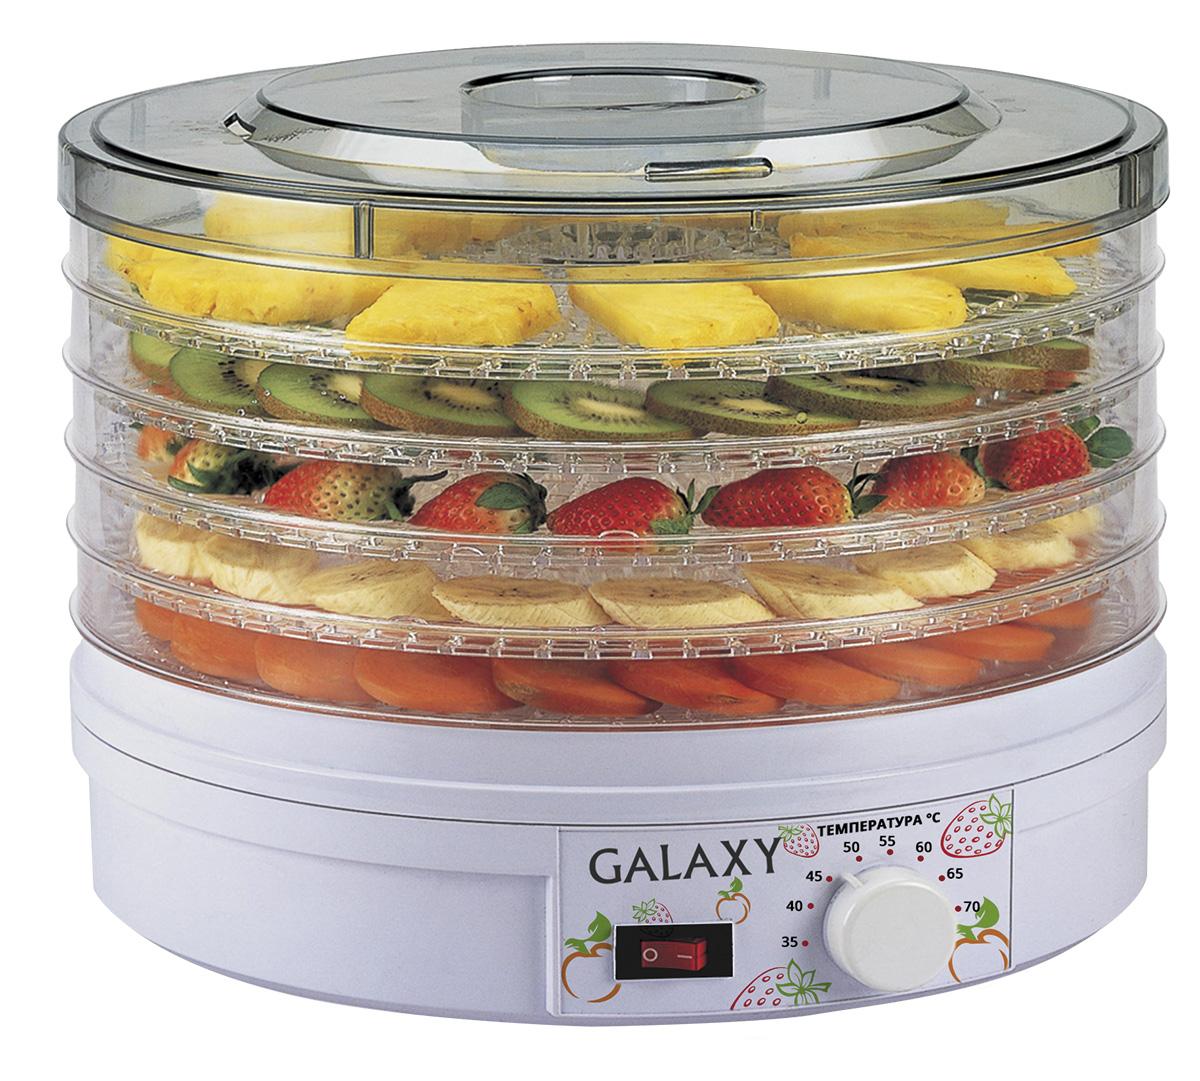 Galaxy GL2633 сушилка для овощей и фруктов4650067301563Сушка овощей и фруктов - это самый эффективный способ сохранить в них все важные для здоровья микроэлементы и витамины. С электросушилкой для продуктов Galaxy GL2633 процесс стал гораздо проще и эффективнее! Благодаря идеальному соотношению нужной температуры и скорости обдува продукты просушиваются равномерно и невероятно быстро!Во время сушки продуктов на открытом воздухе существует вероятность образования плесени и бактерий, ведь для качественной сушки очень важна неизменная температура окружающей среды. Кроме того, для сохранения полезных веществ, продукты должны просушиваться максимально быстро, чего бывает сложно добиться при сушке, к примеру, мяса или рыбы. С электросушилкой Galaxy GL2633 вы навсегда забудете об этих проблемах!